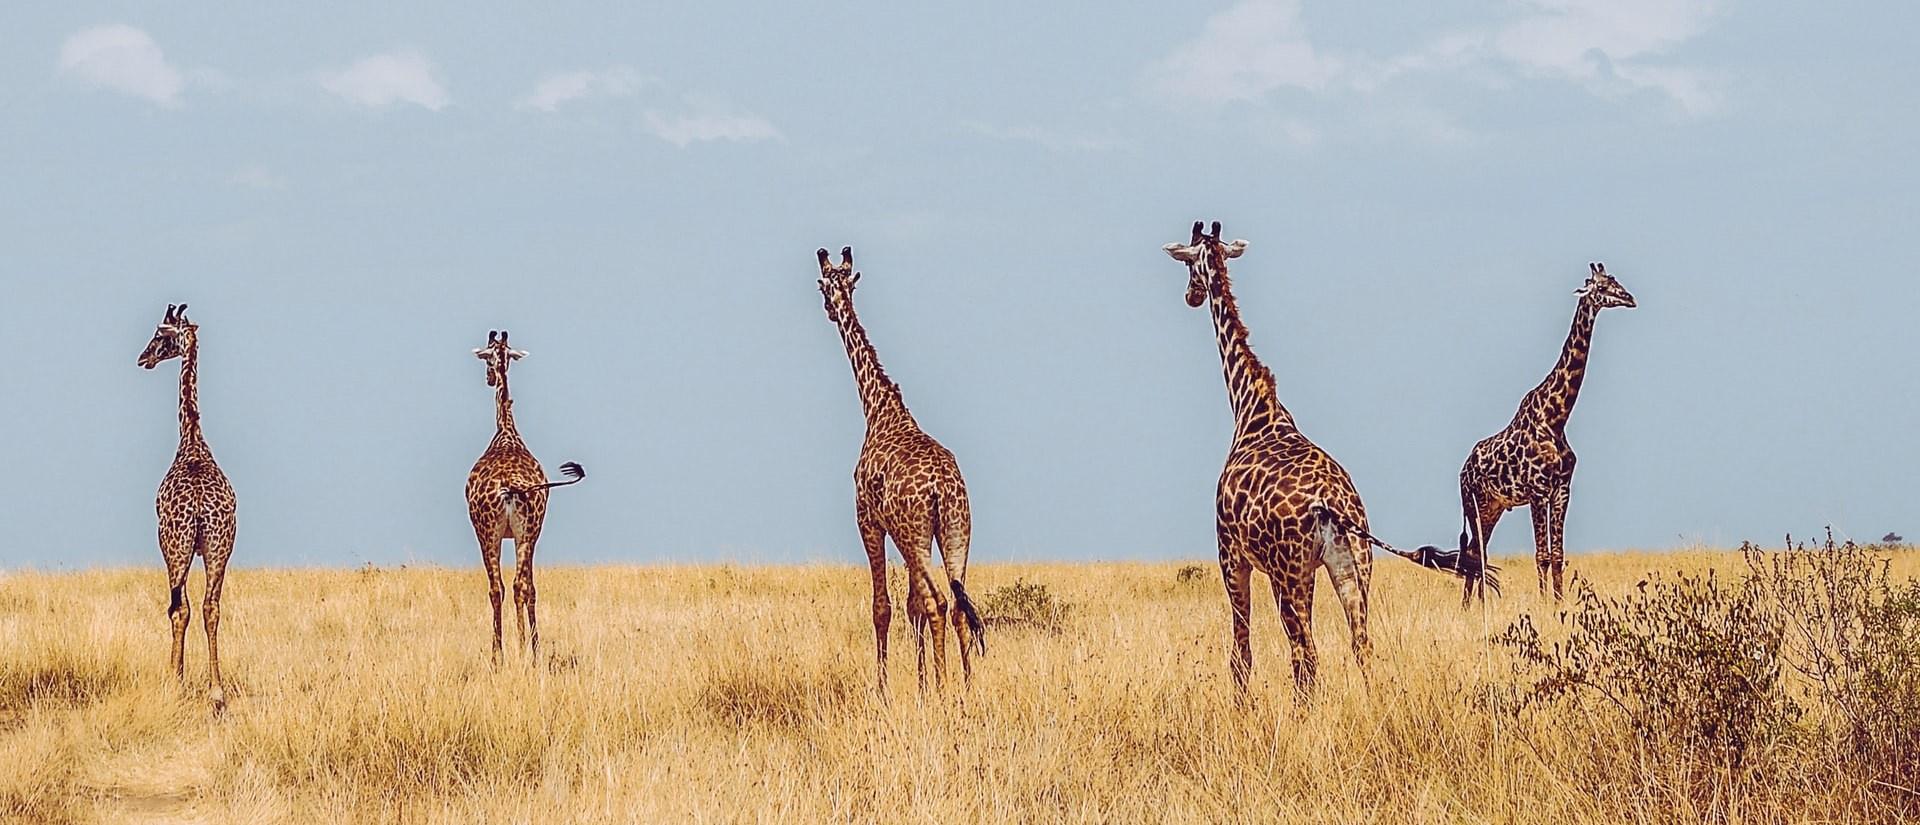 アフリカ地域の旅行先一覧